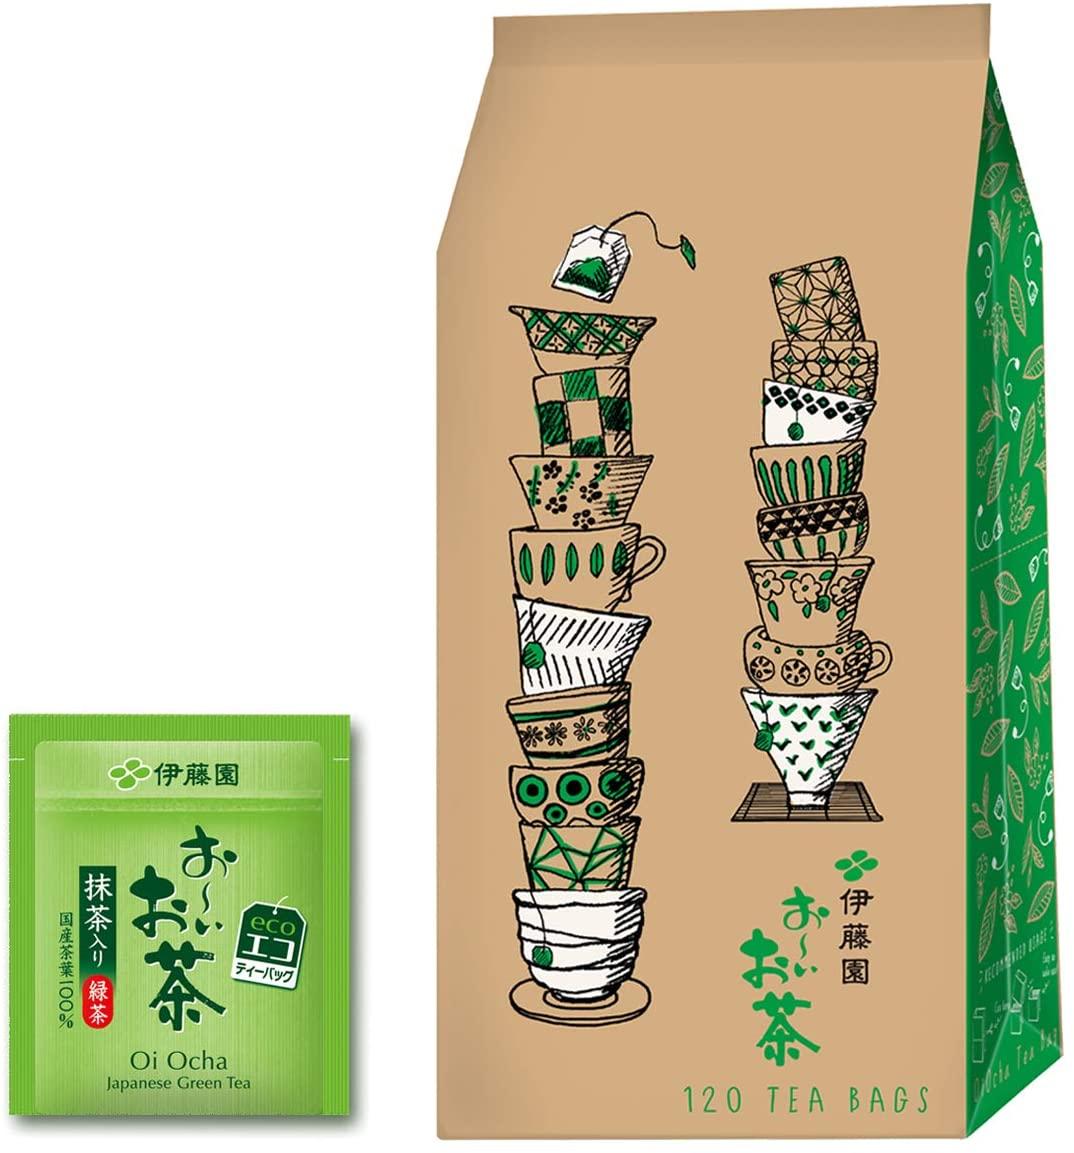 アマゾンで伊藤園 エコティーバッグ おーいお茶 緑茶 (抹茶入り) 1.8g×120袋が5割引。